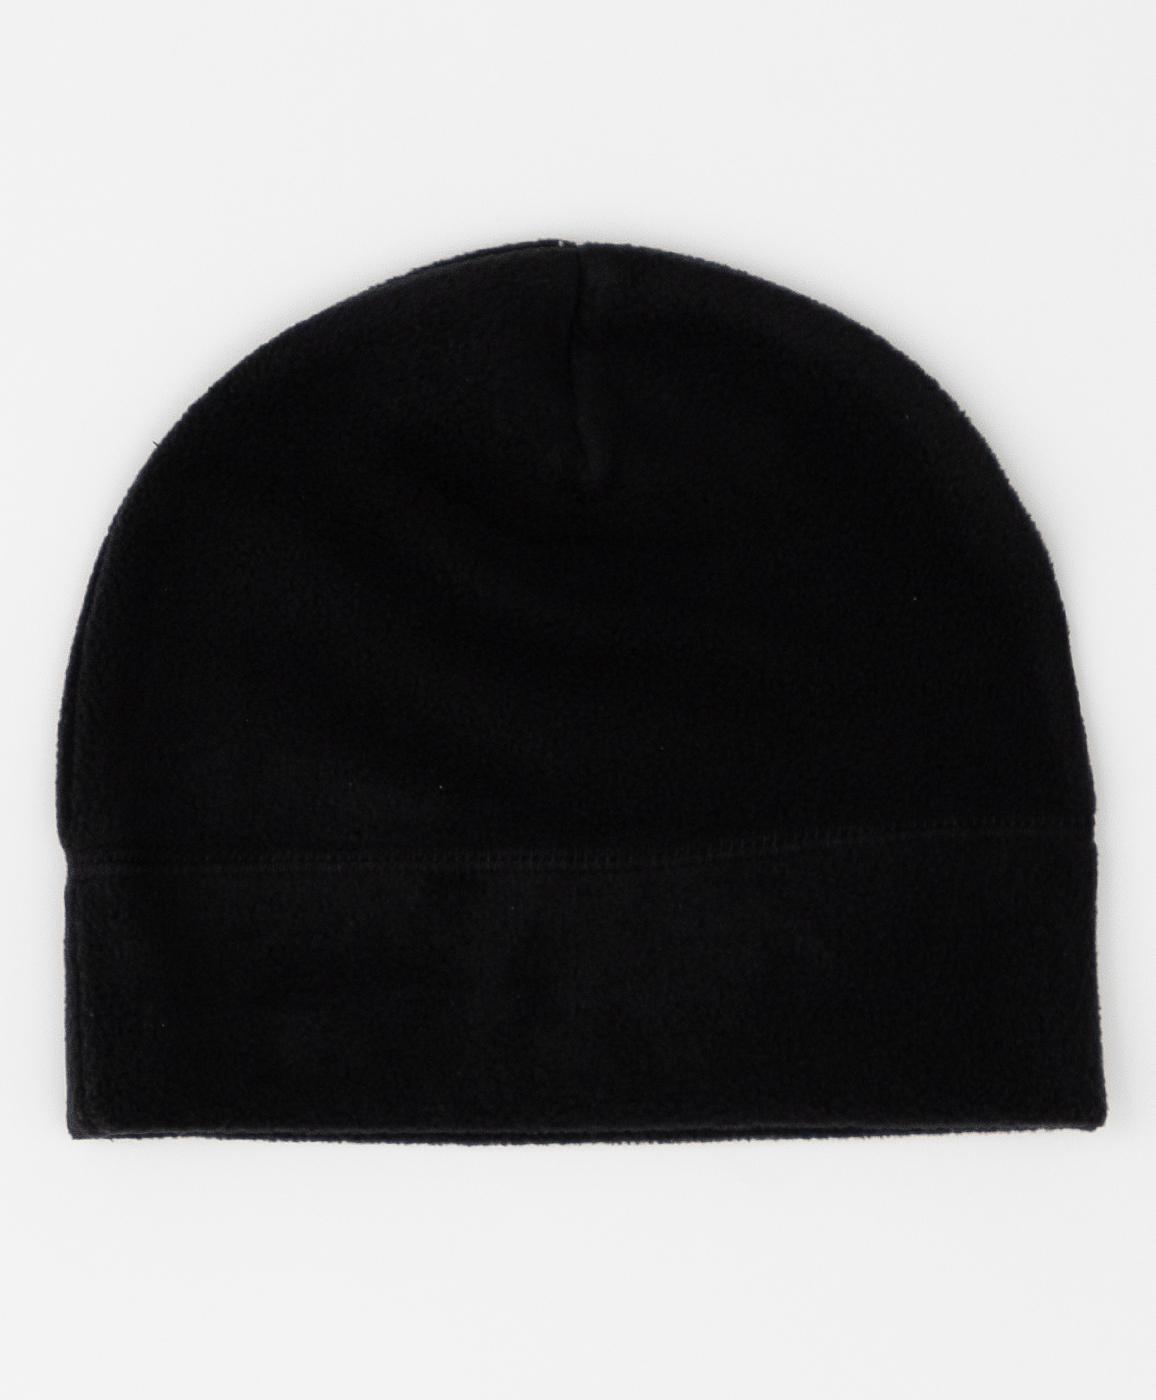 Купить 220BBGA73020800, Черная флисовая шапка Button Blue, черный, 56, Флис, Женский, Зима, ОСЕНЬ/ЗИМА 2020-2021 (shop: GulliverMarket Gulliver Market)